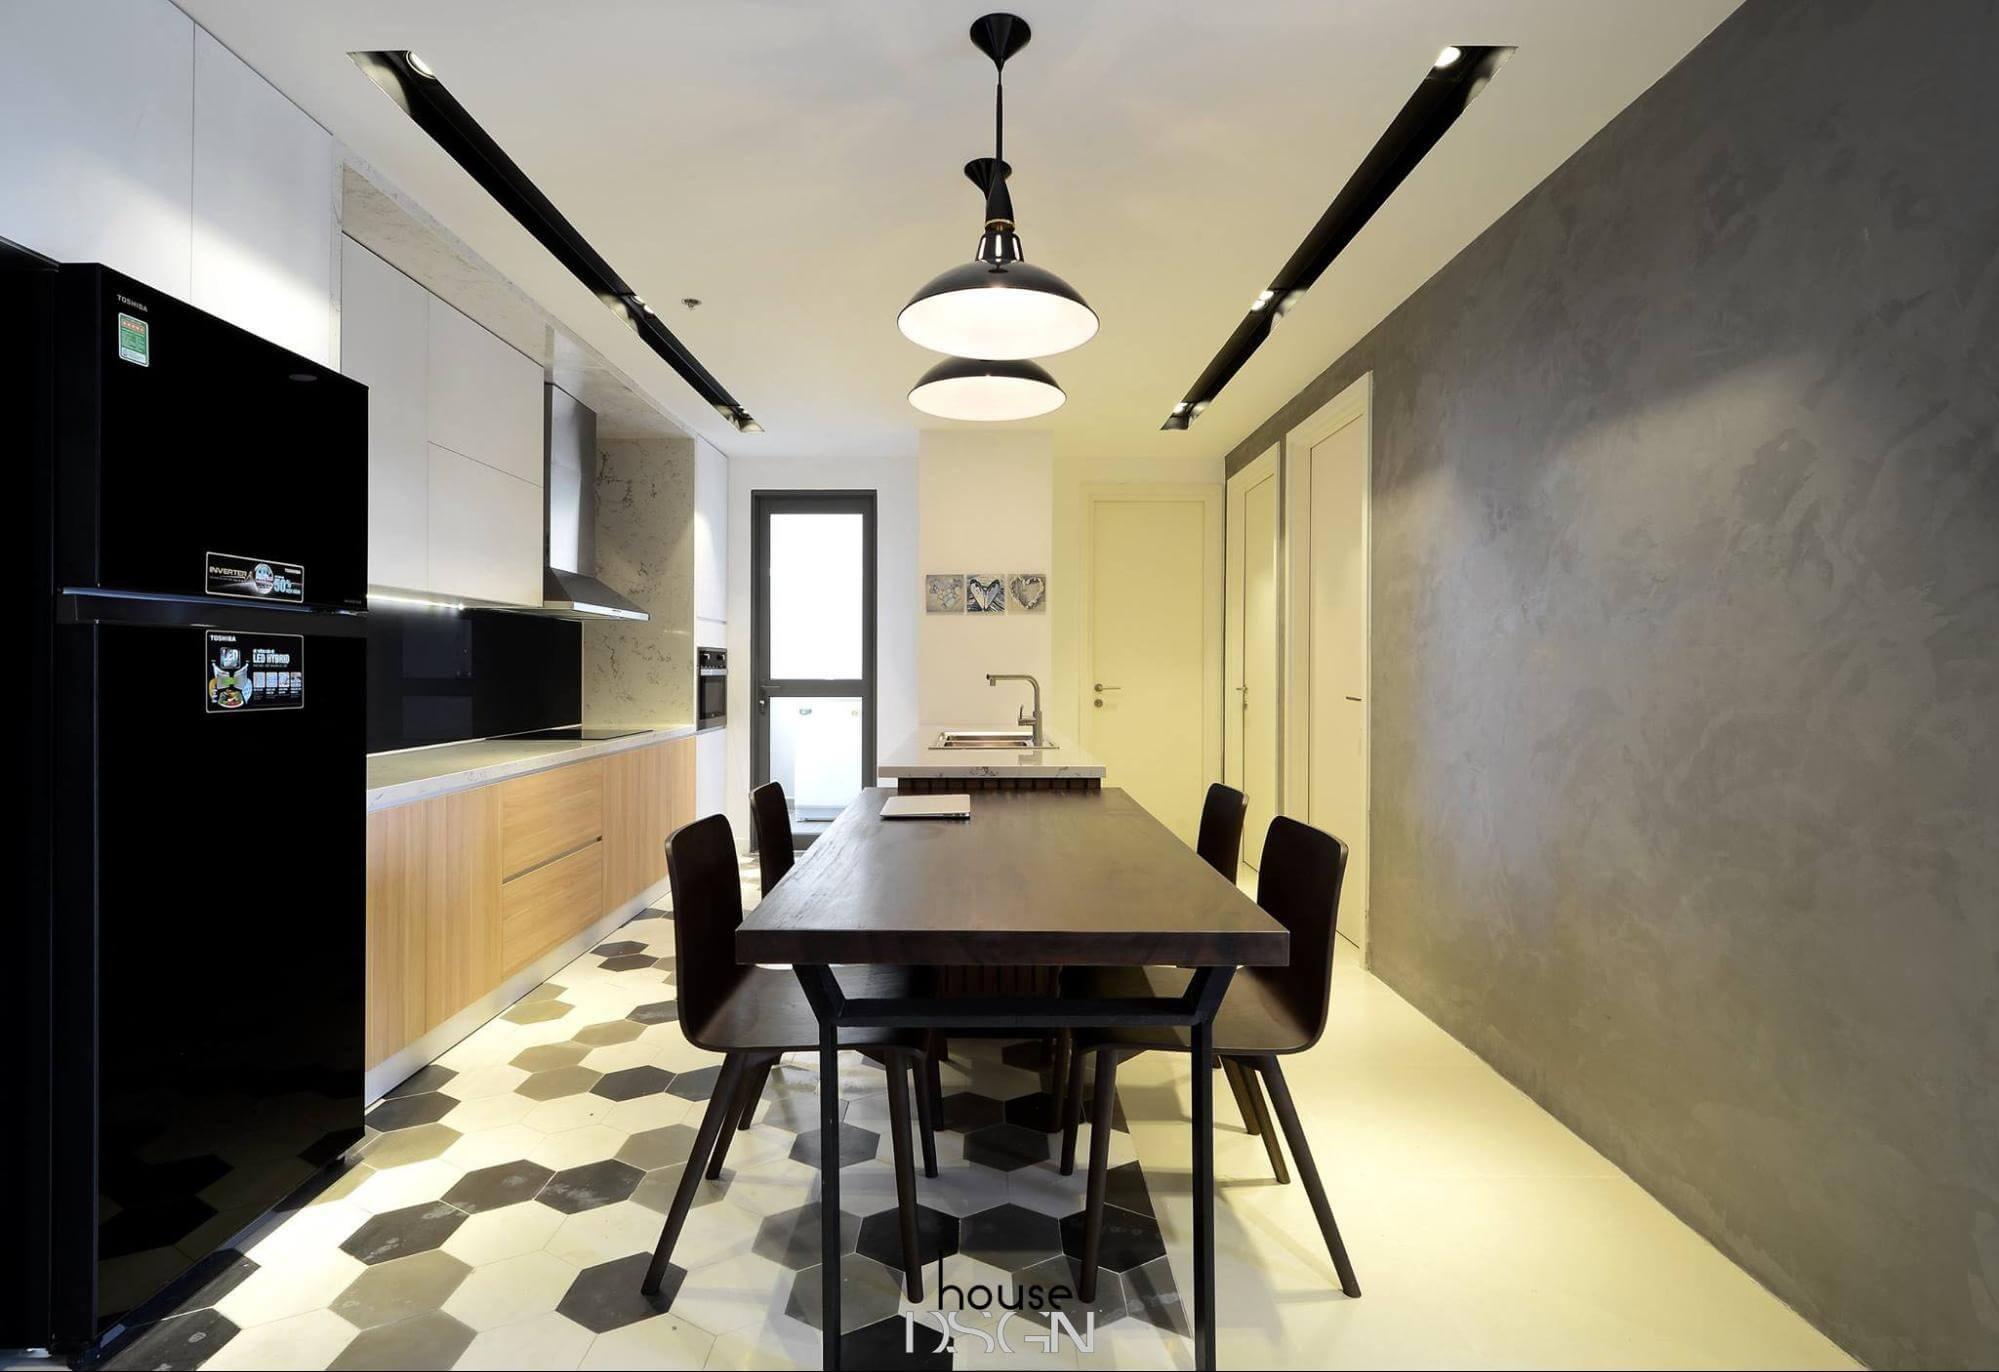 thiết kế nội thất căn hộ masteri An Phú 3 phòng ngủ tiện nghi và hiện đại